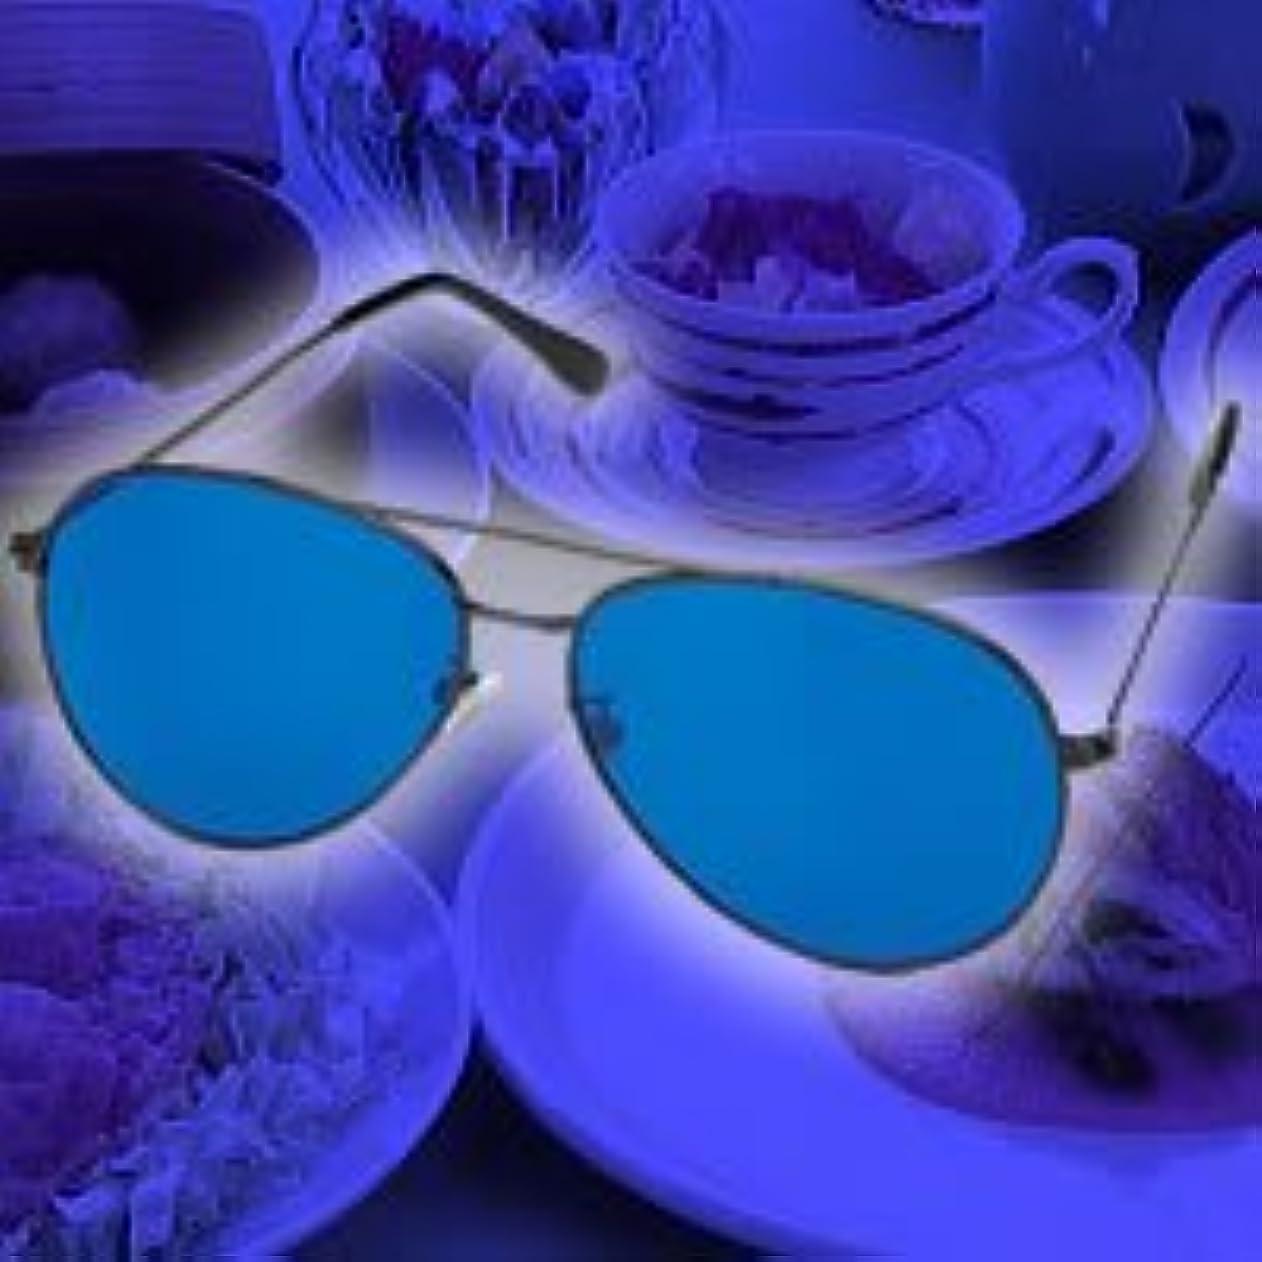 ランチ山岳郵便屋さん青色ダイエットめがね(青色めがね)食べる5分前に使用でダイエット 青色アイグラス リラックスで食欲を抑える 青色めがねダイエット